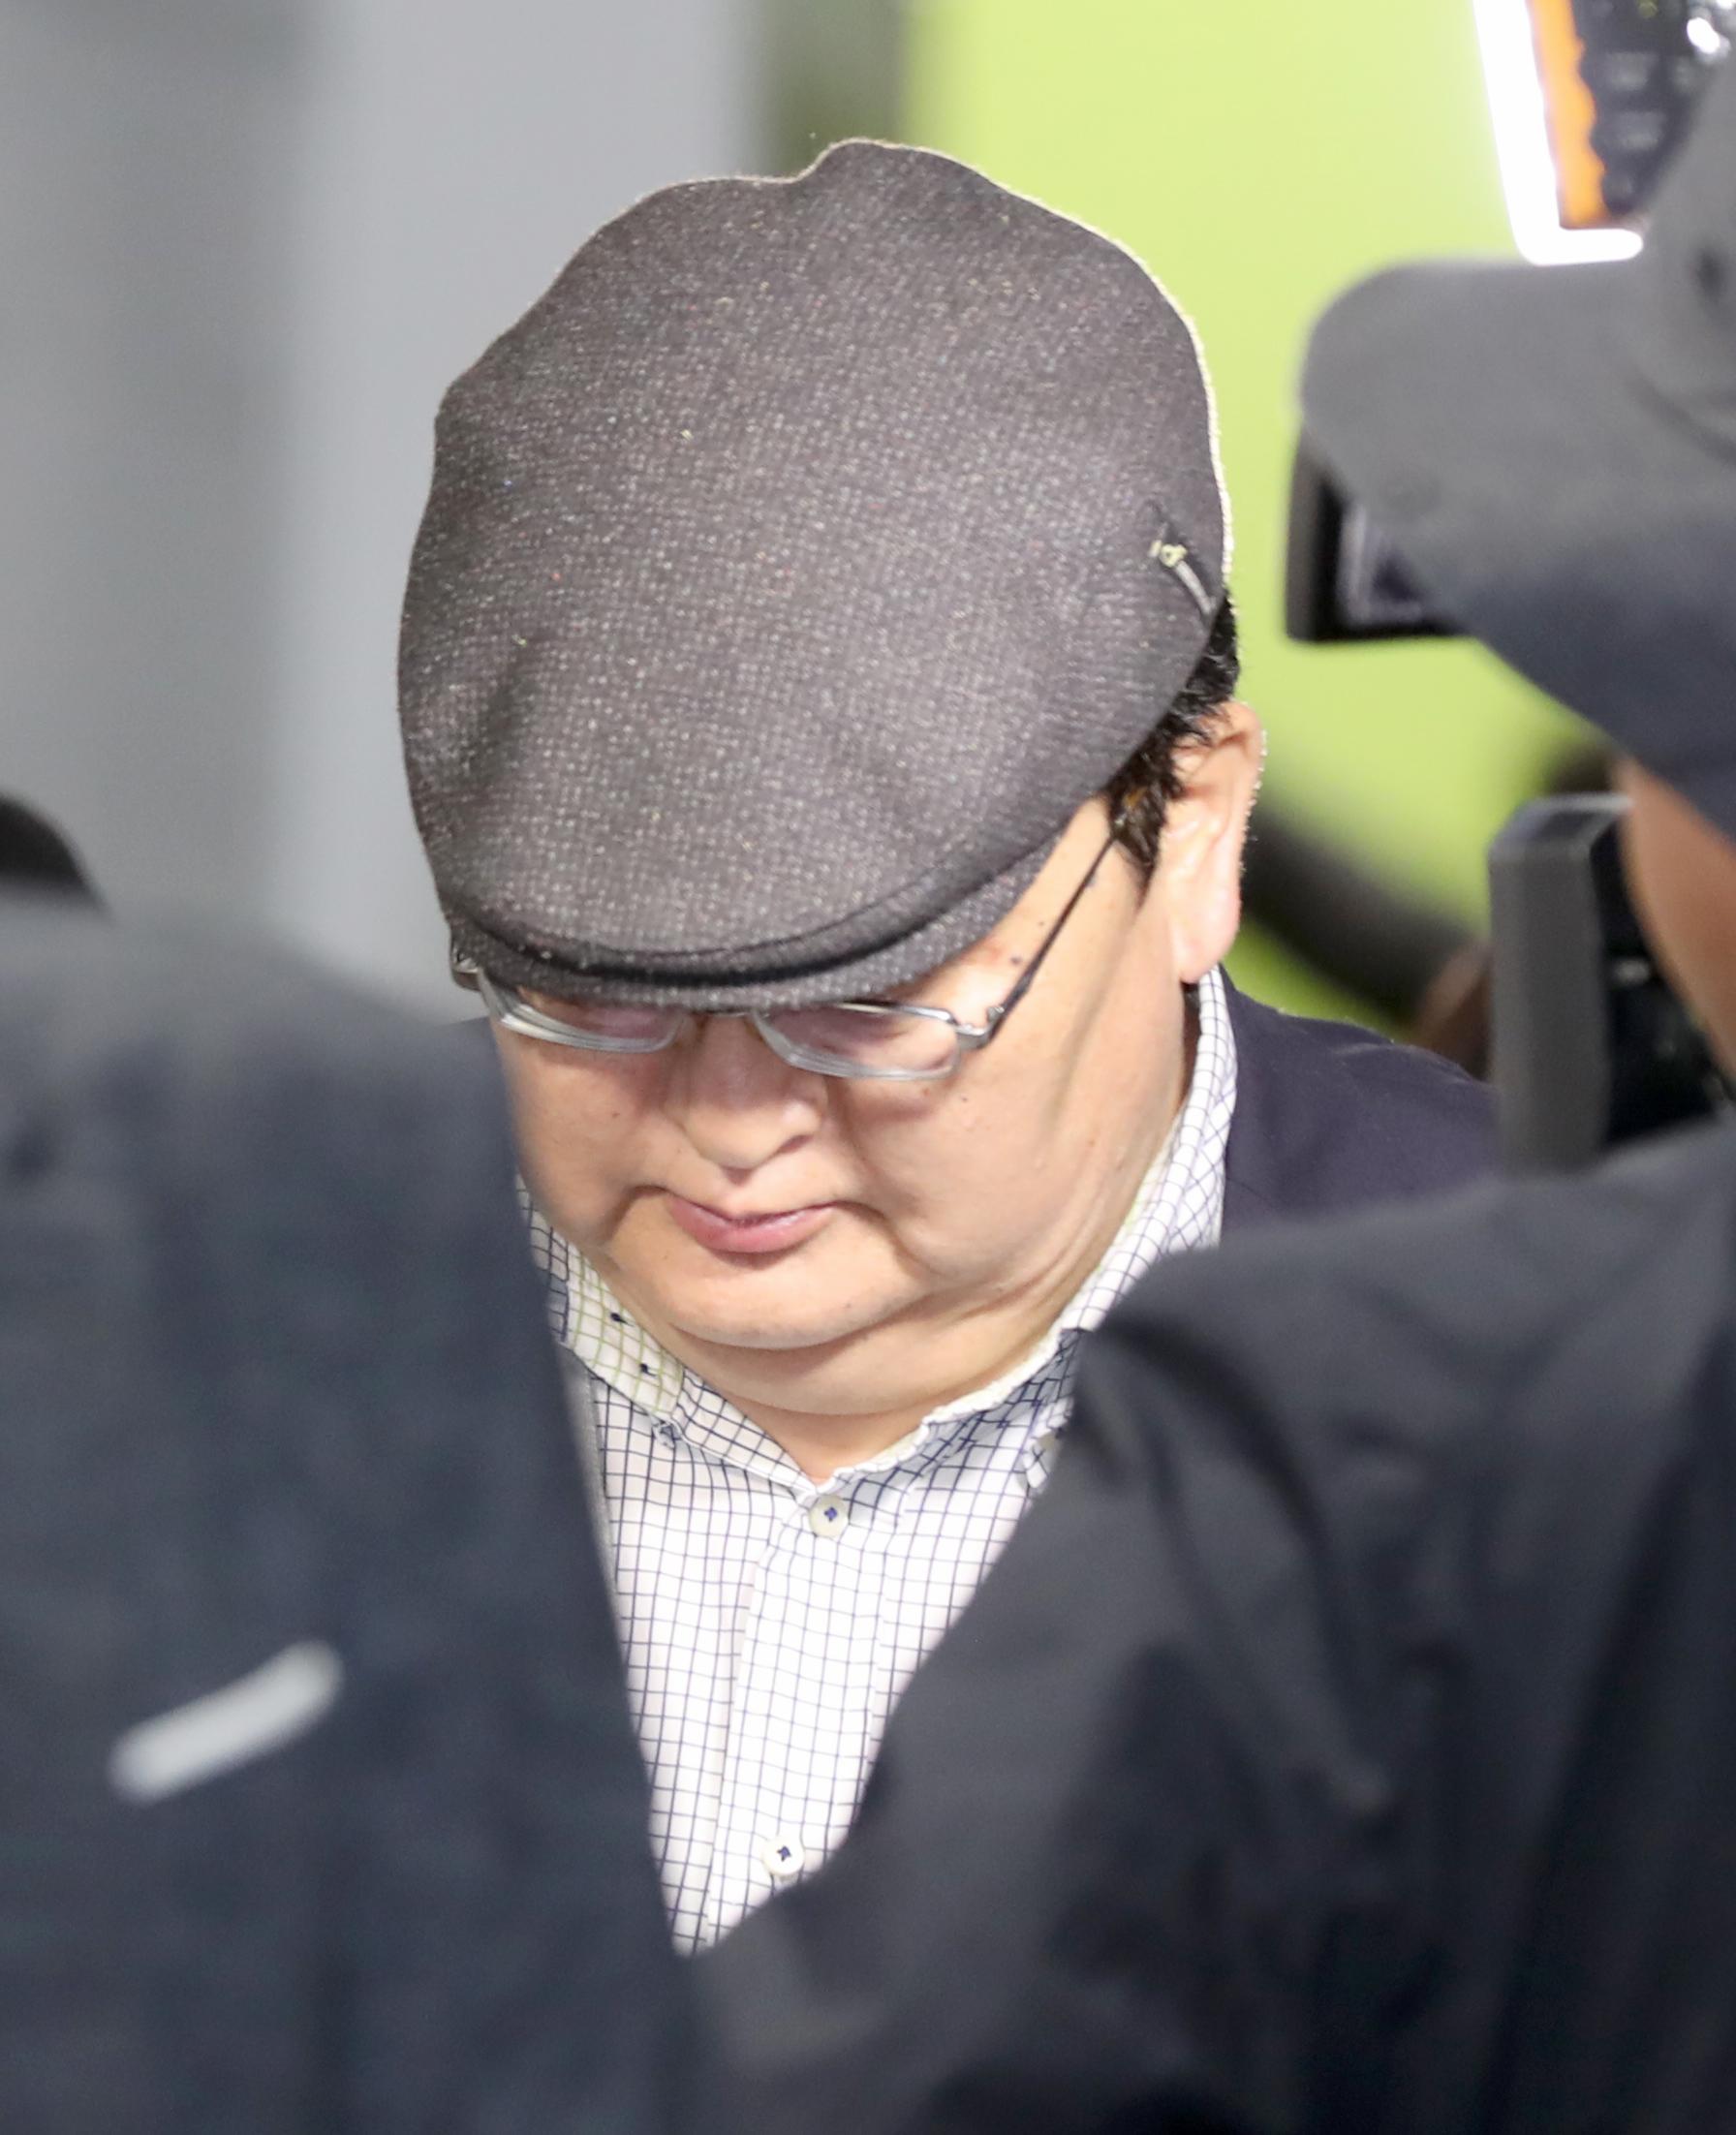 오드바야르 도르지 몽골 헌법재판소장이 지난 7일 오전 인천지방경?청에서 조사를 받은 후 경찰청을 나서고 있다. [뉴스1]